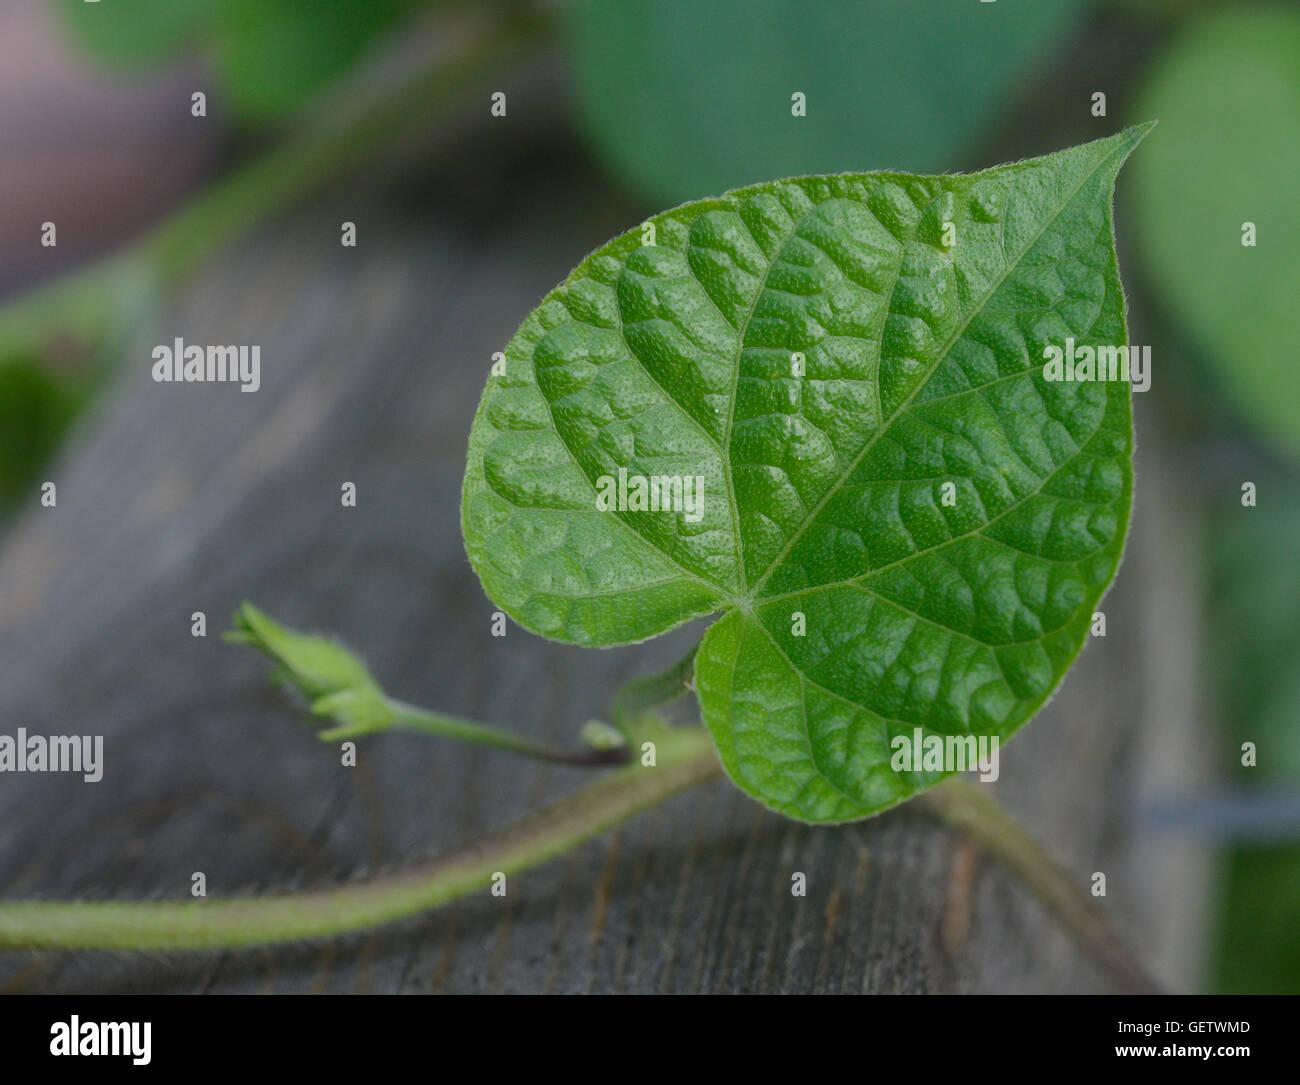 Heart-shaped morning glory leaf - Stock Image